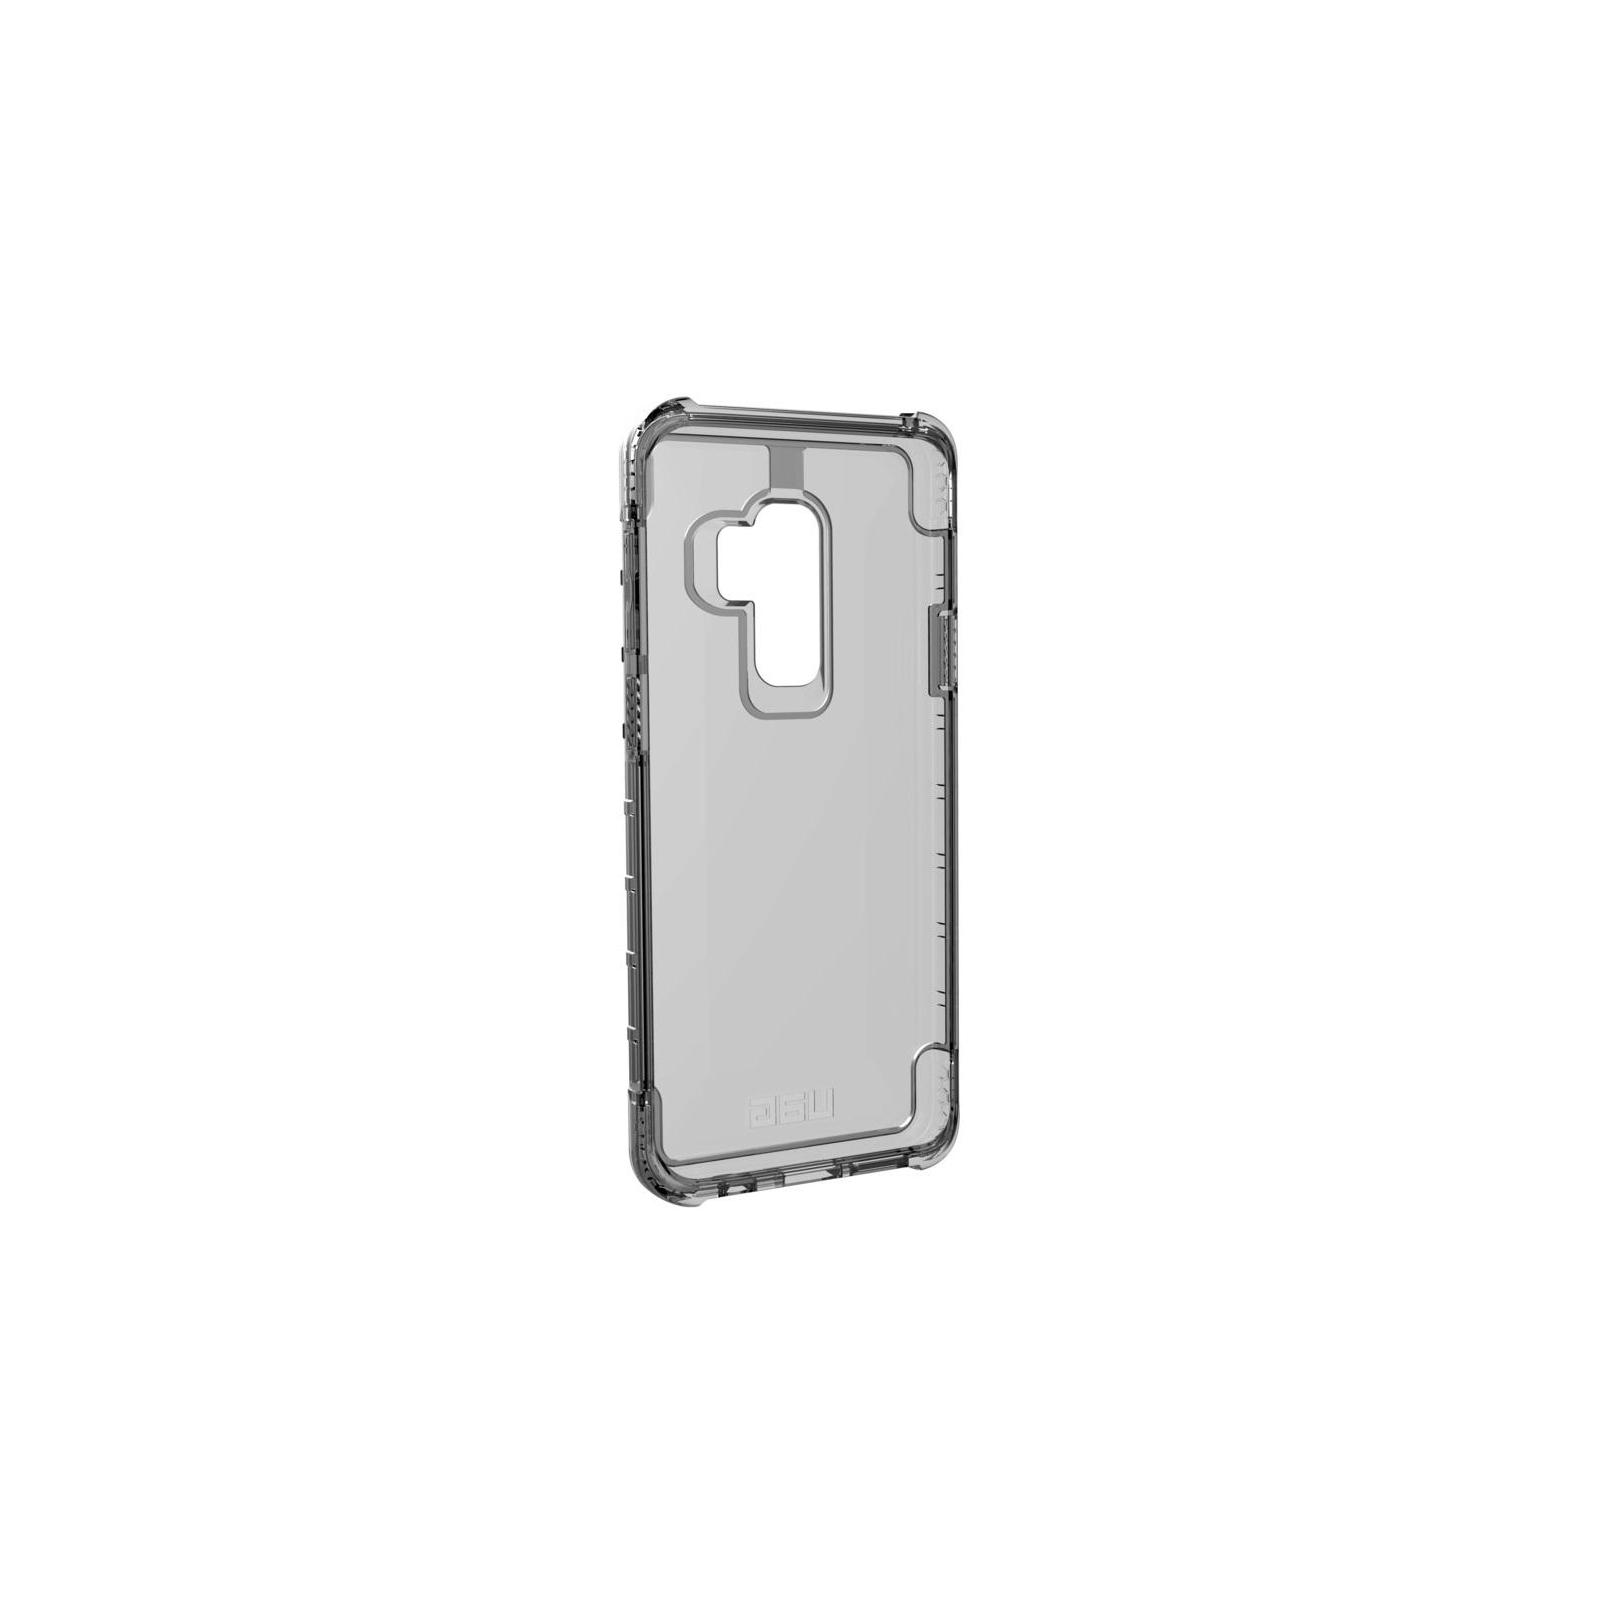 Чехол для моб. телефона Uag Galaxy S9+ Plyo Ash (GLXS9PLS-Y-AS) изображение 2